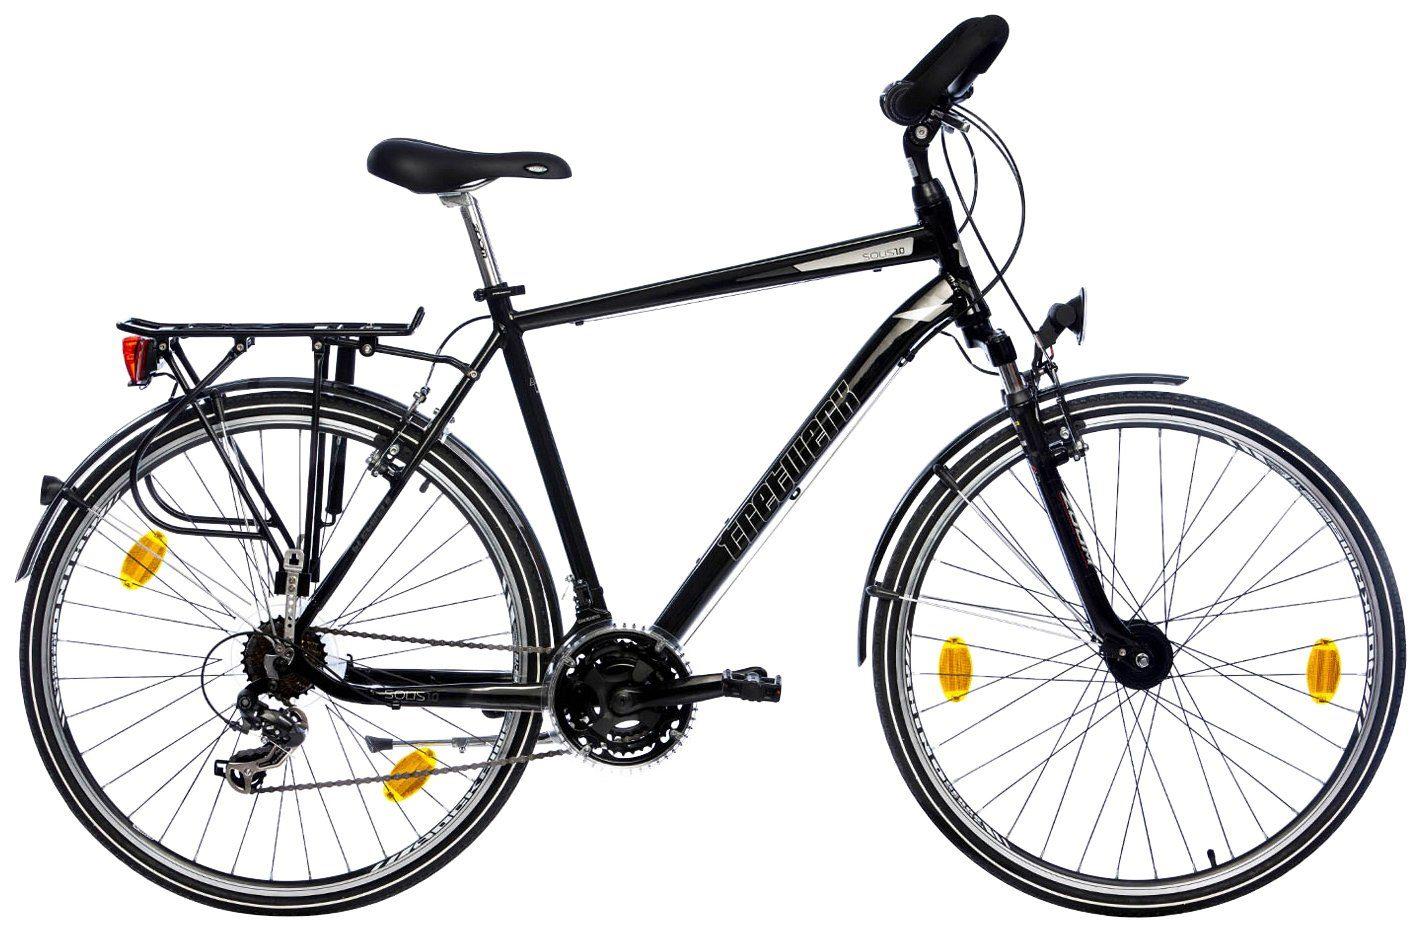 TRETWERK Trekkingrad Herren »Solis 1.0 Comfort«, 28 Zoll, 21 Gang, Felgenbremsen